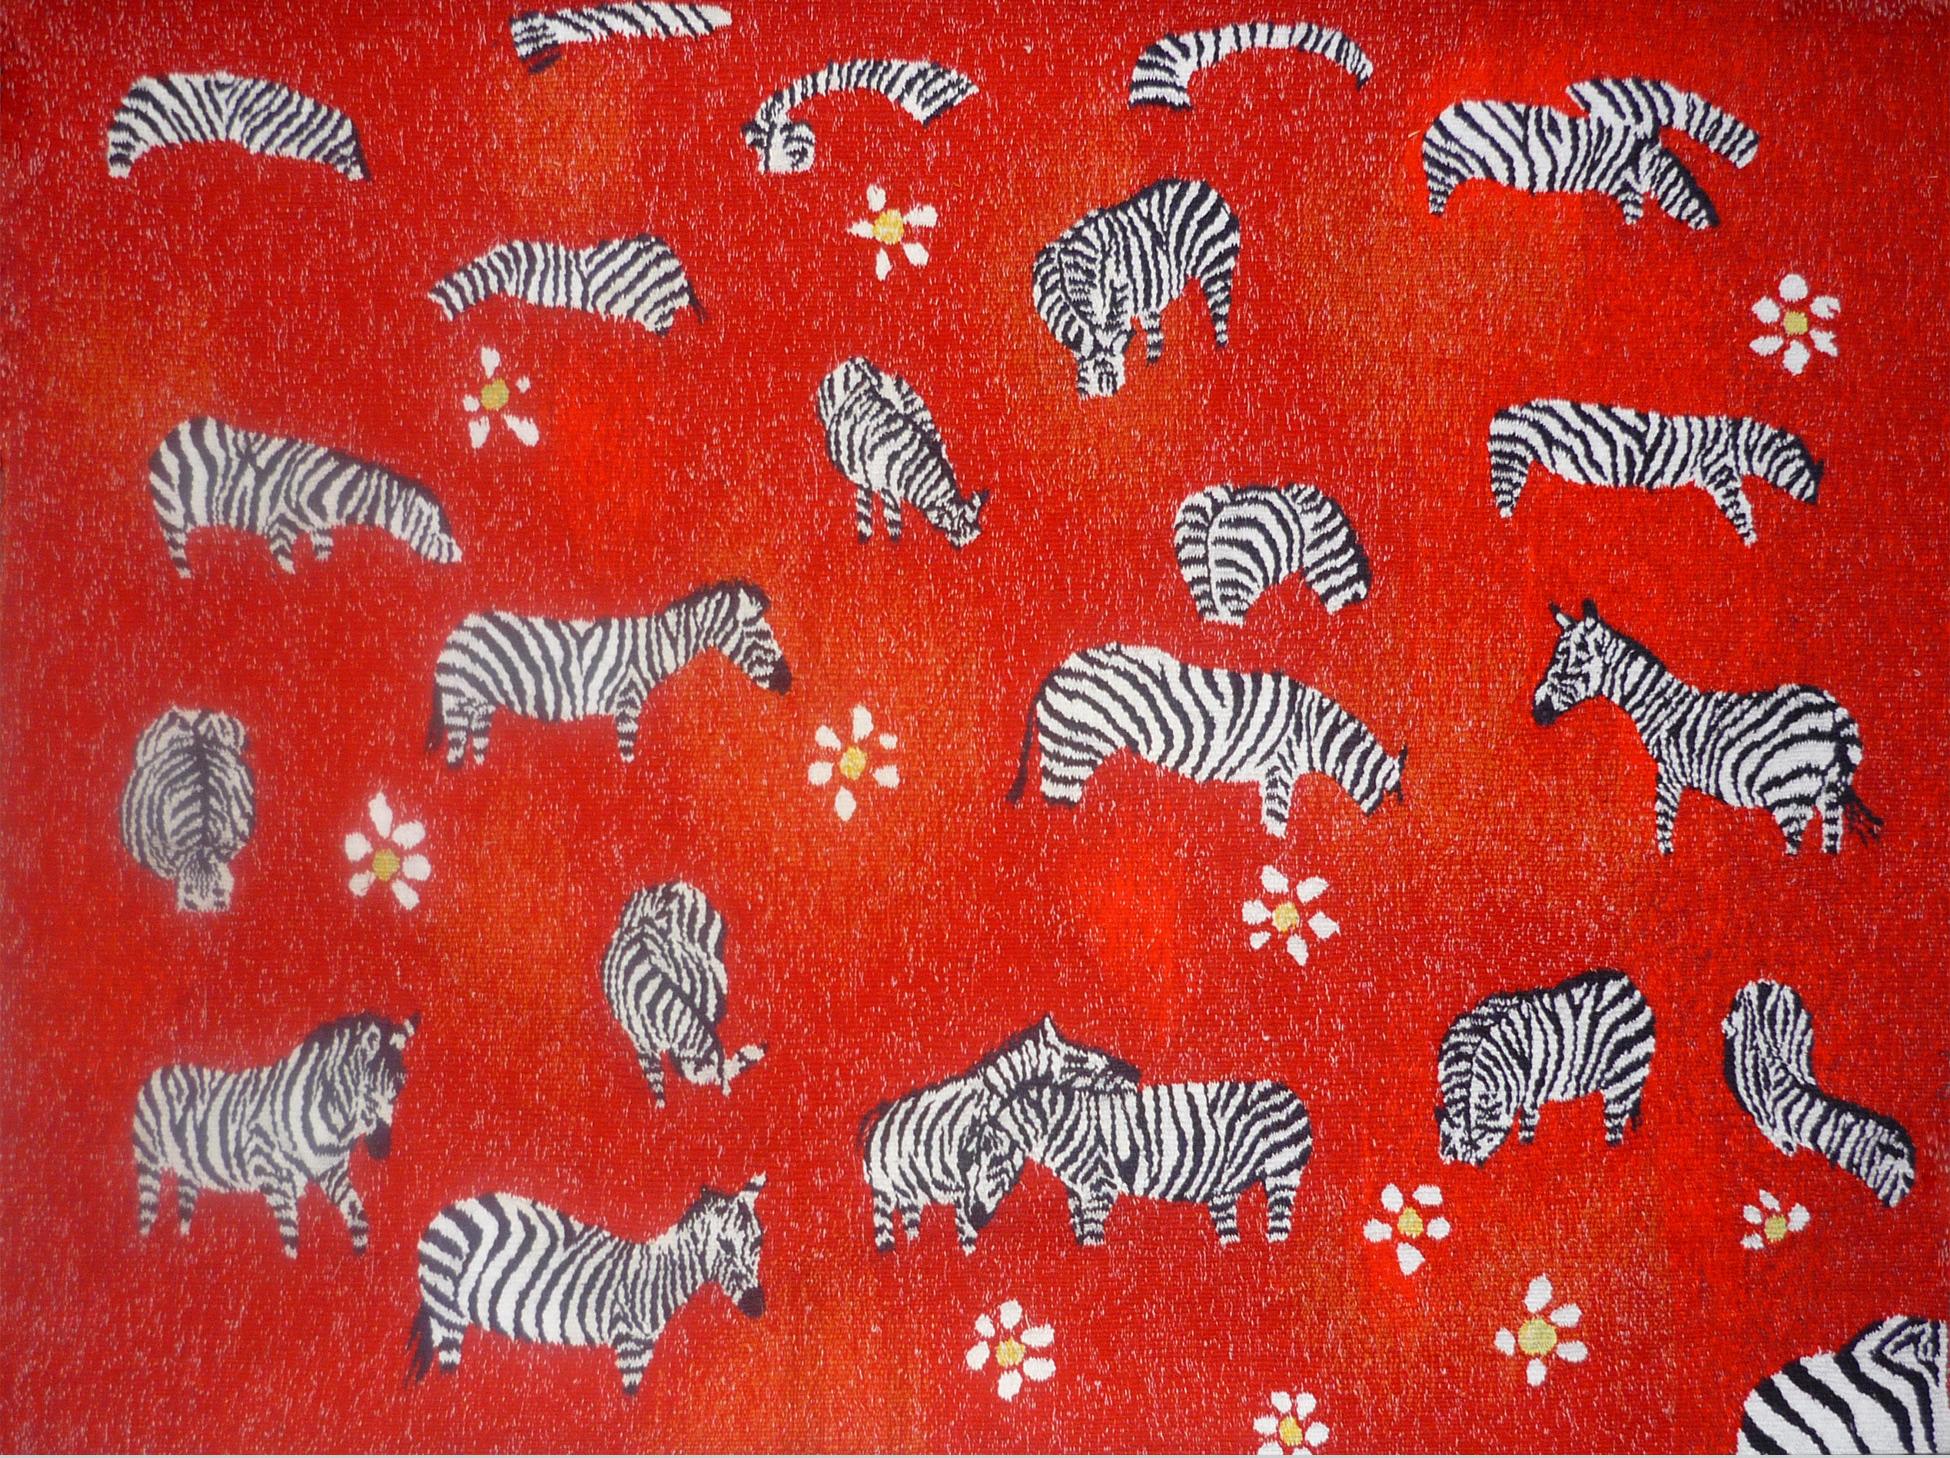 Zebras22